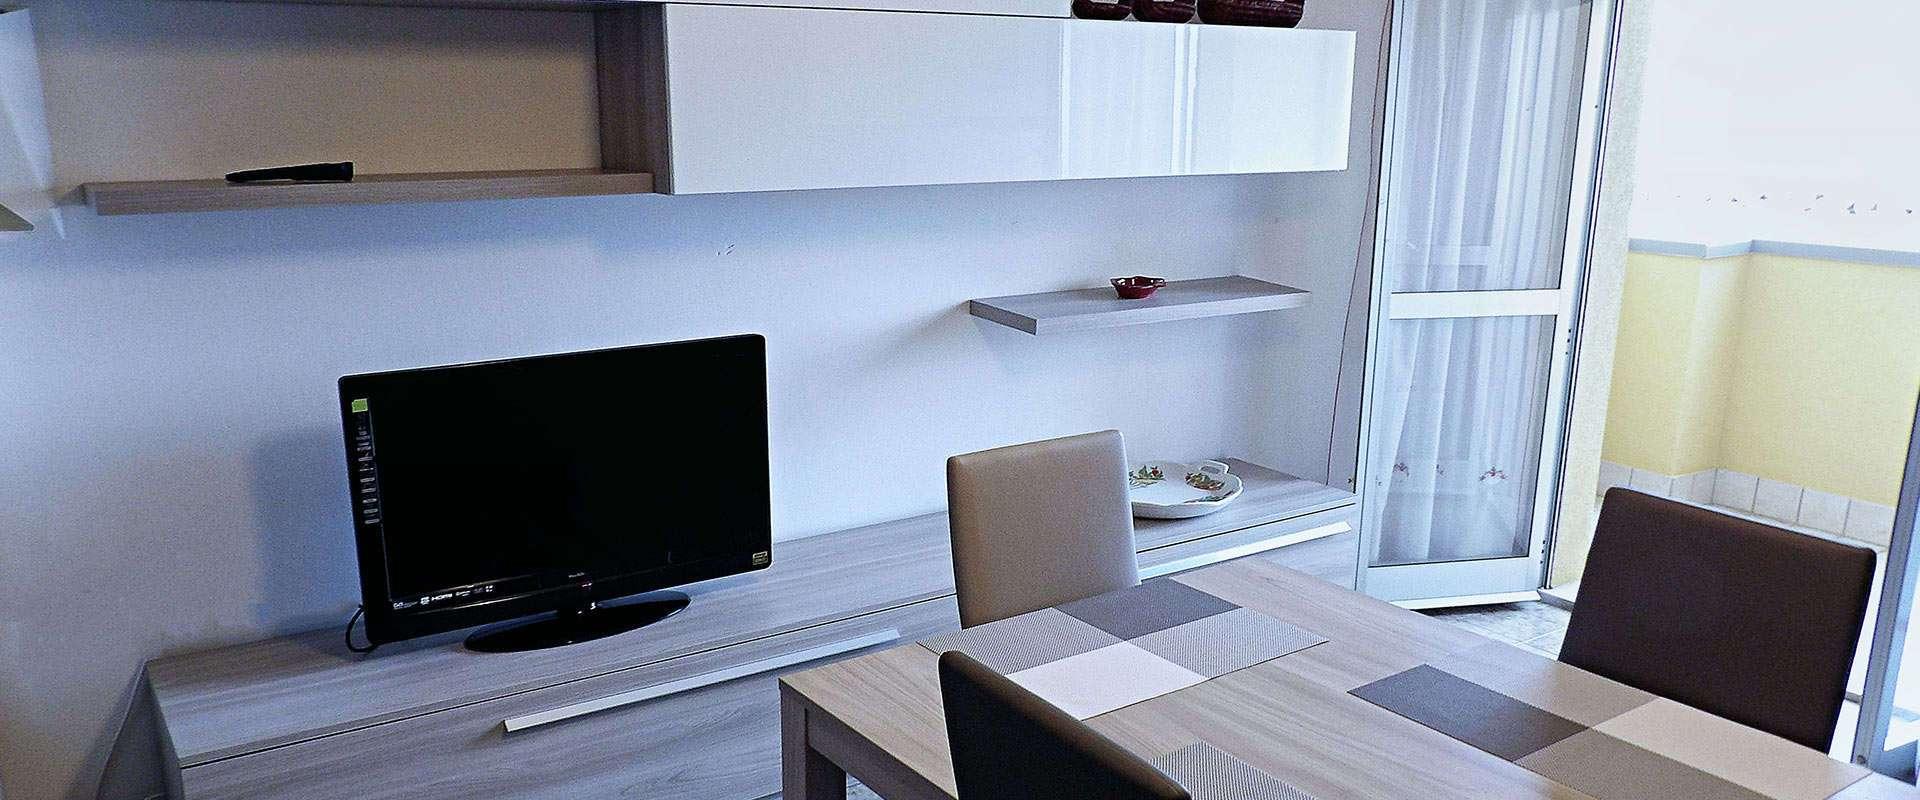 Appartamenti estivi in affitto a senigallia in riva al mare for Monolocali arredati in affitto